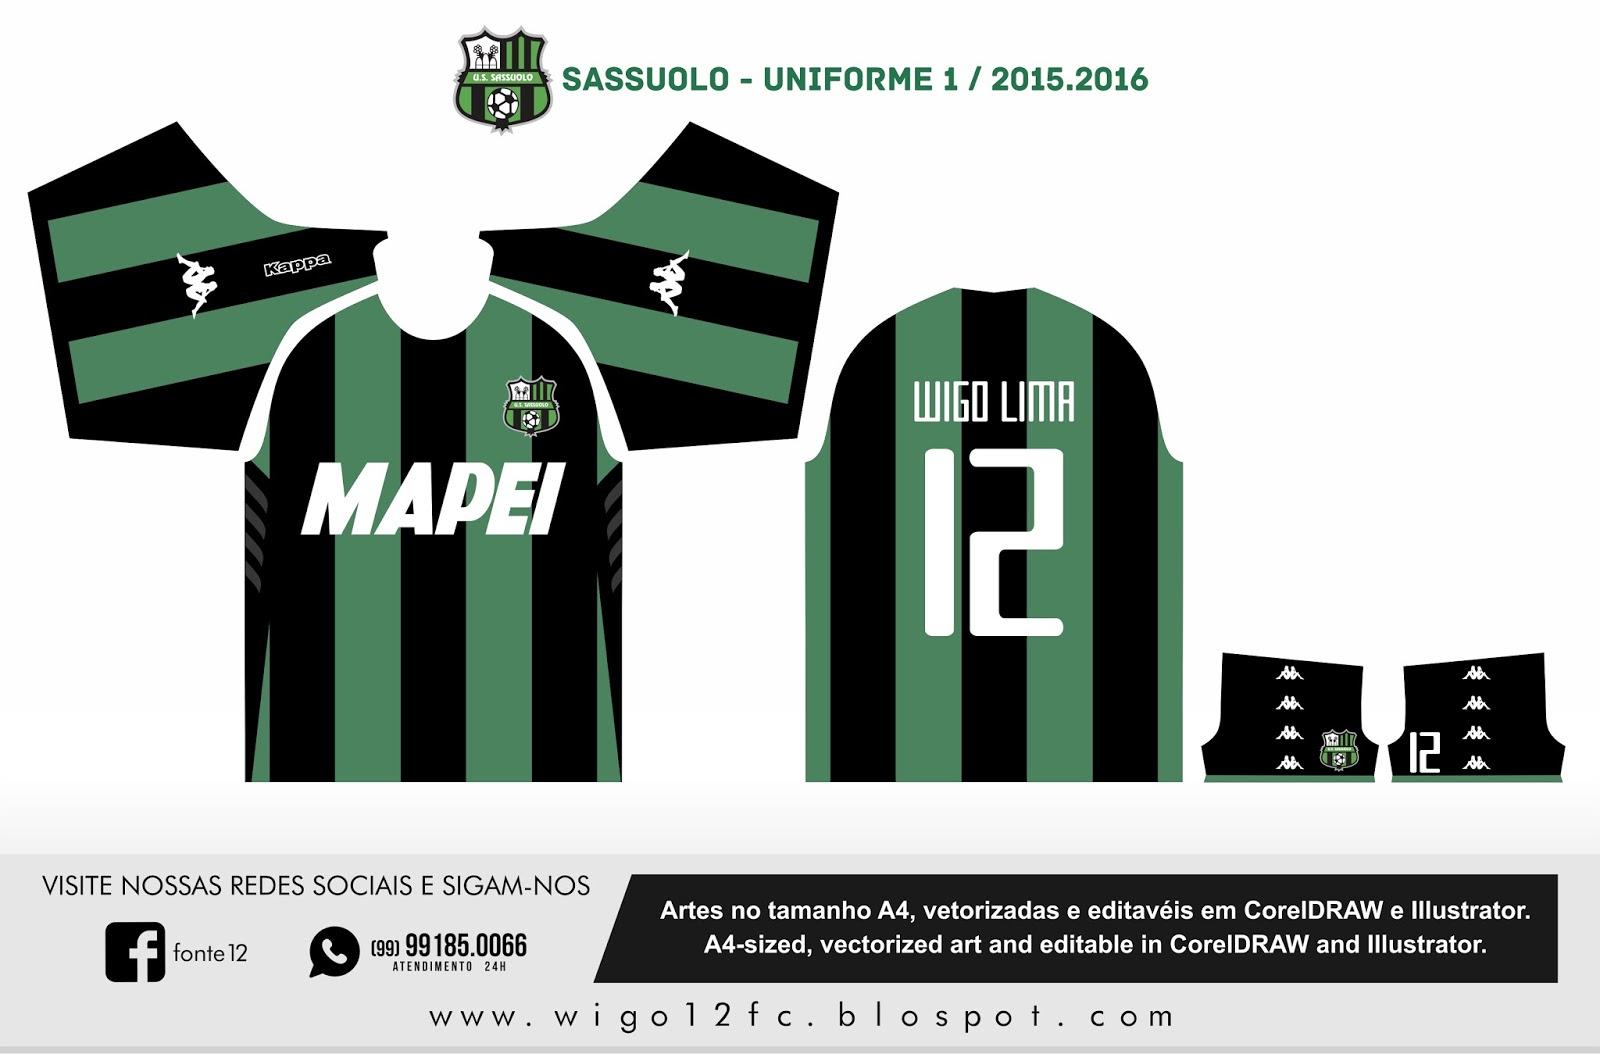 8f2916bb3d682 Fontes Camisas de Futebol  Uniforme Sassuolo 2015-2016